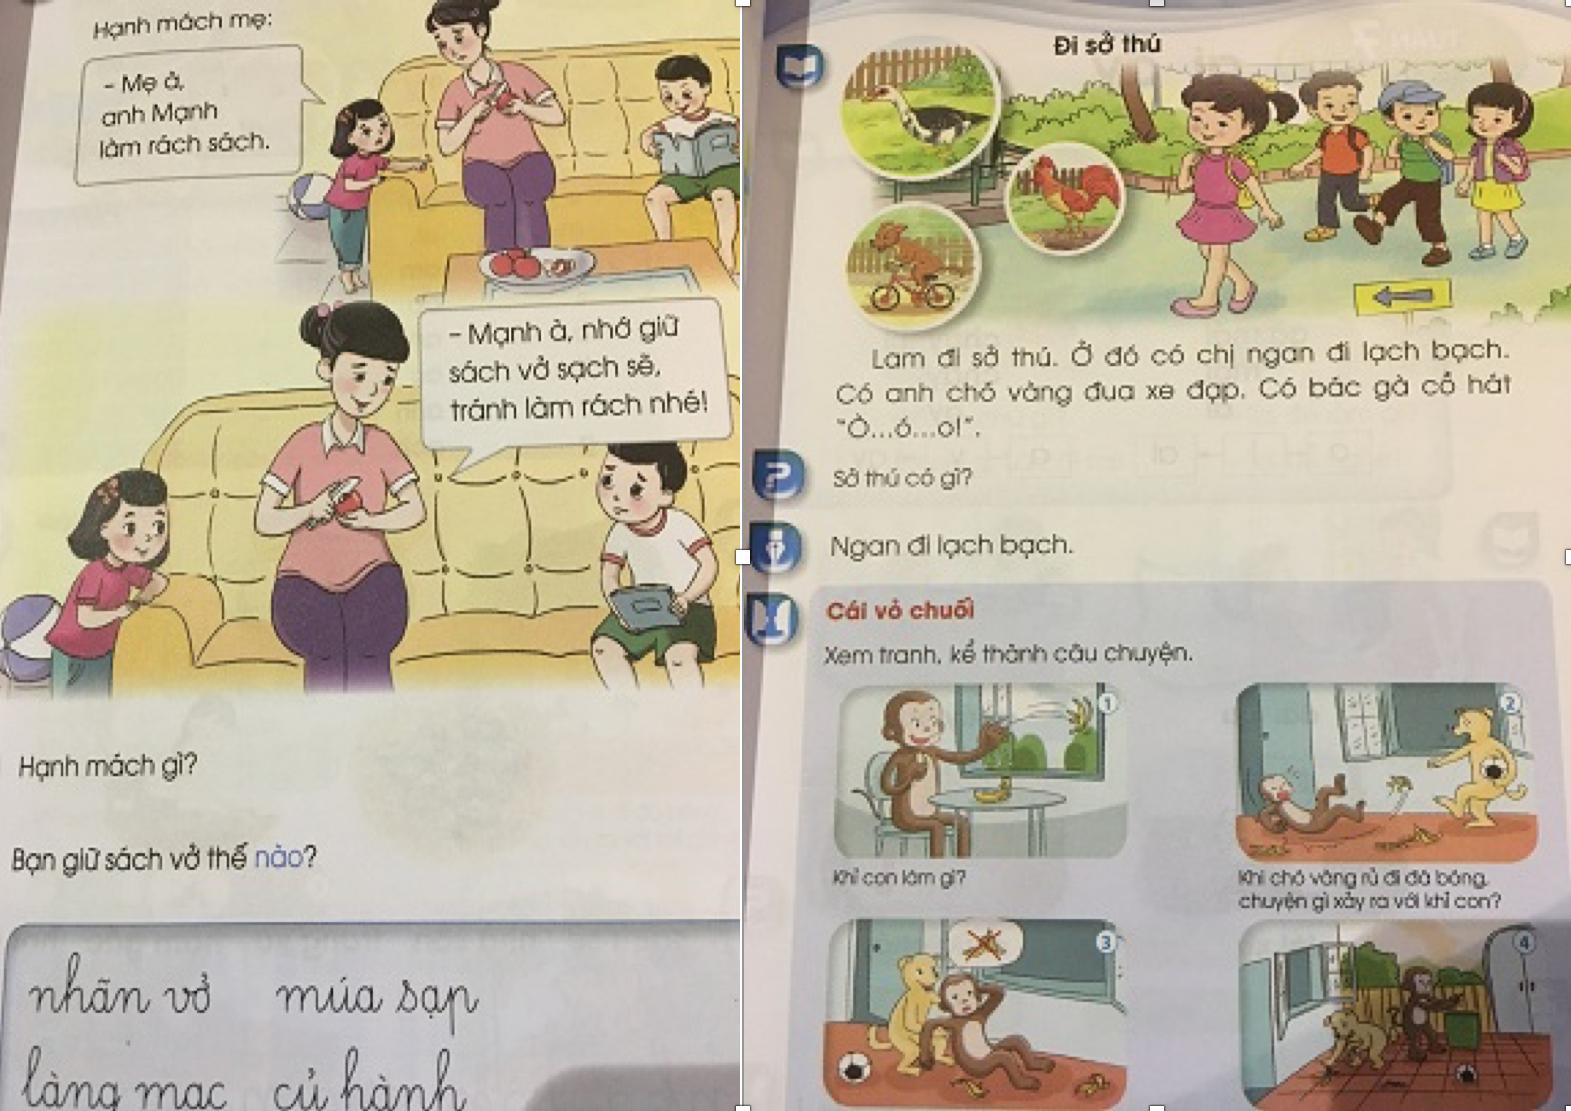 Phát hiện thêm một cuốn sách giáo khoa Tiếng Việt 1 chi chít 'sạn' - 1